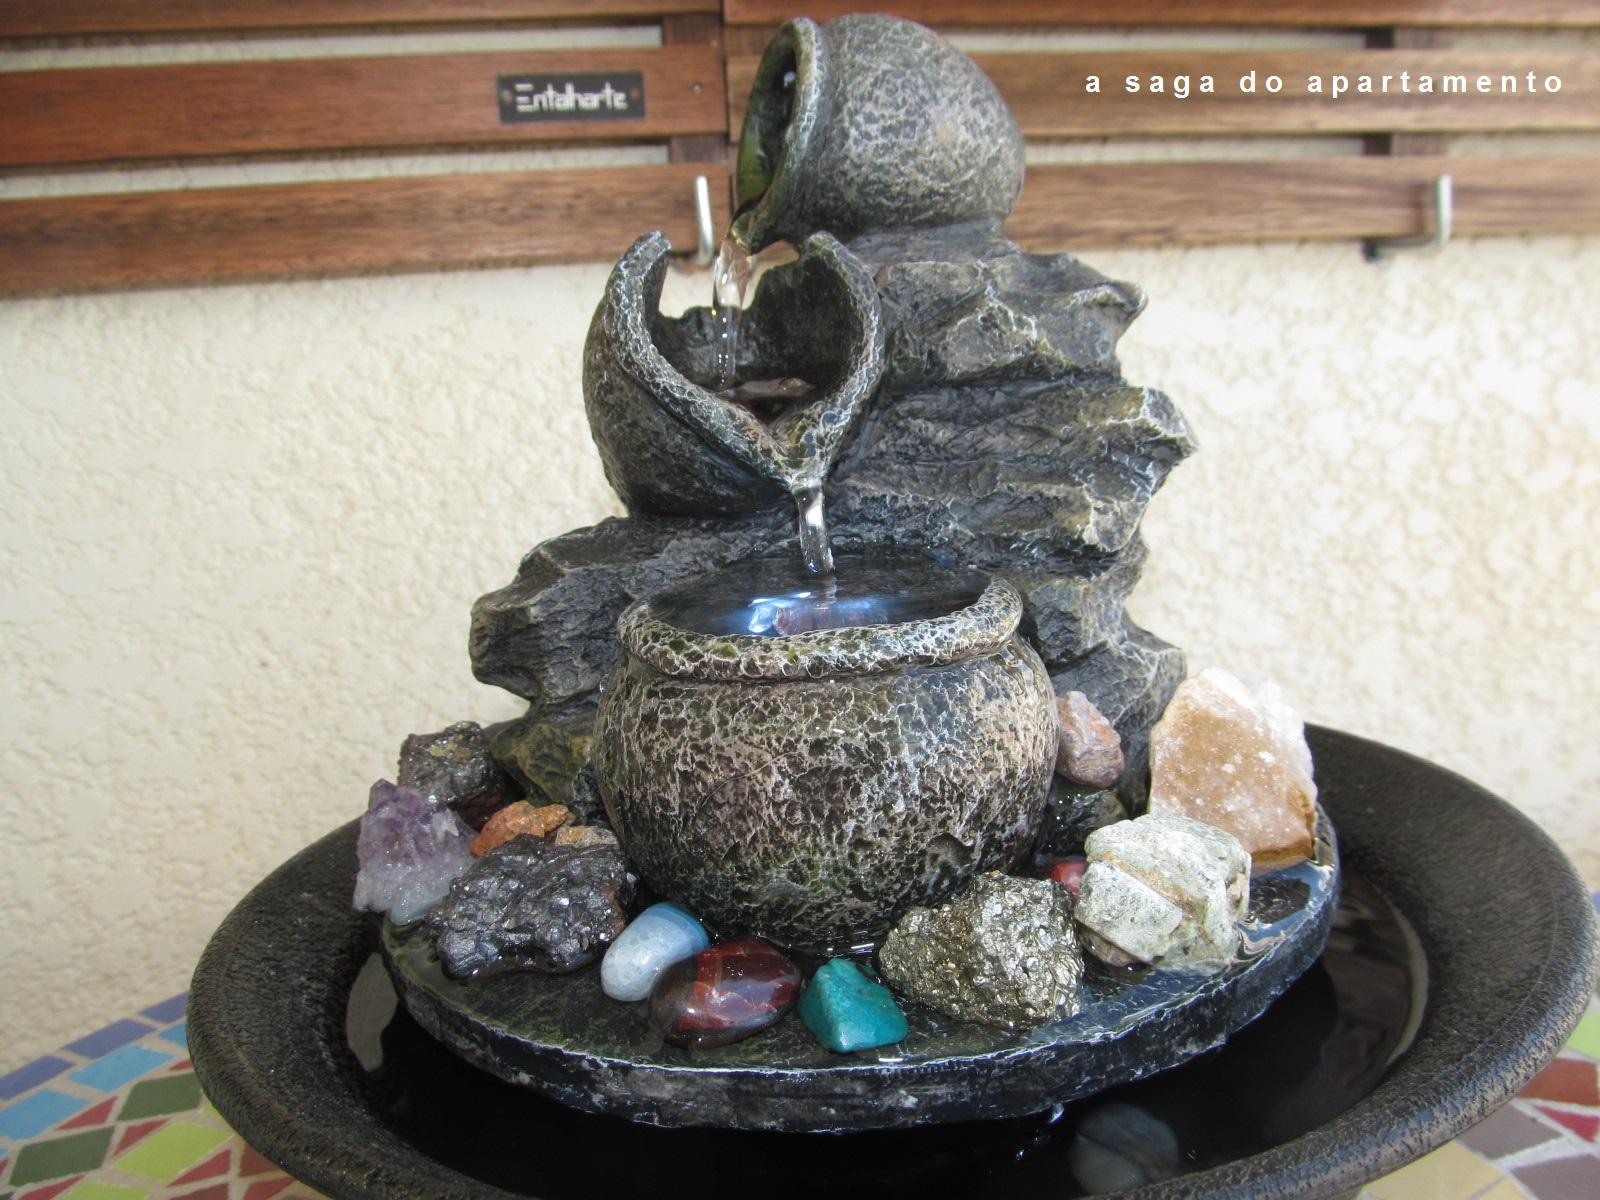 fontes de agua para decoracao de interiores : fontes de agua para decoracao de interiores:fonte de água decorativa